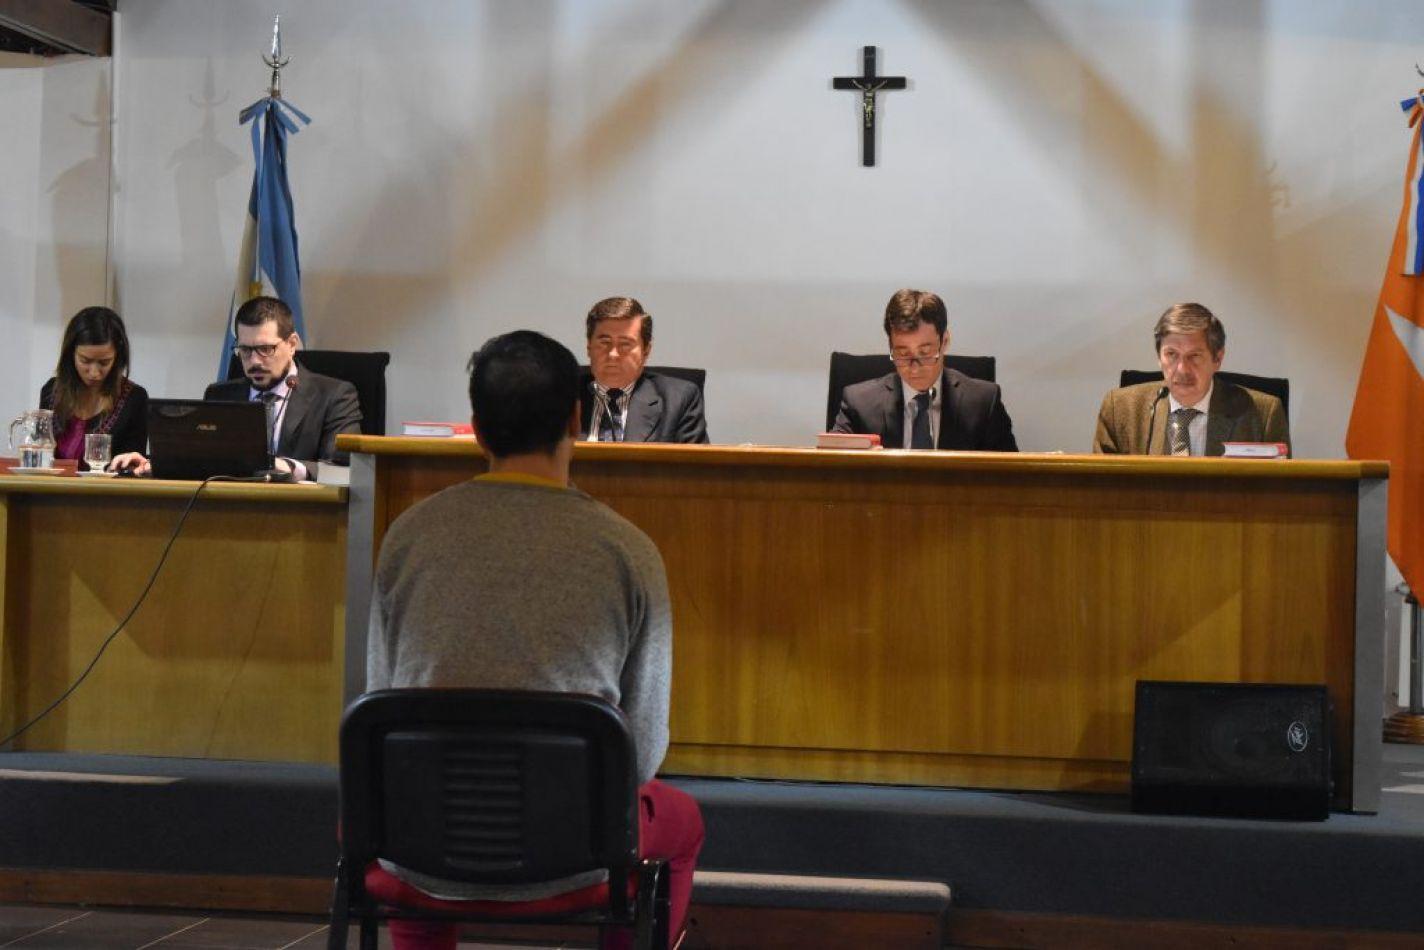 El Tribunal de Juicio en lo Criminal del Distrito Judicial Sur